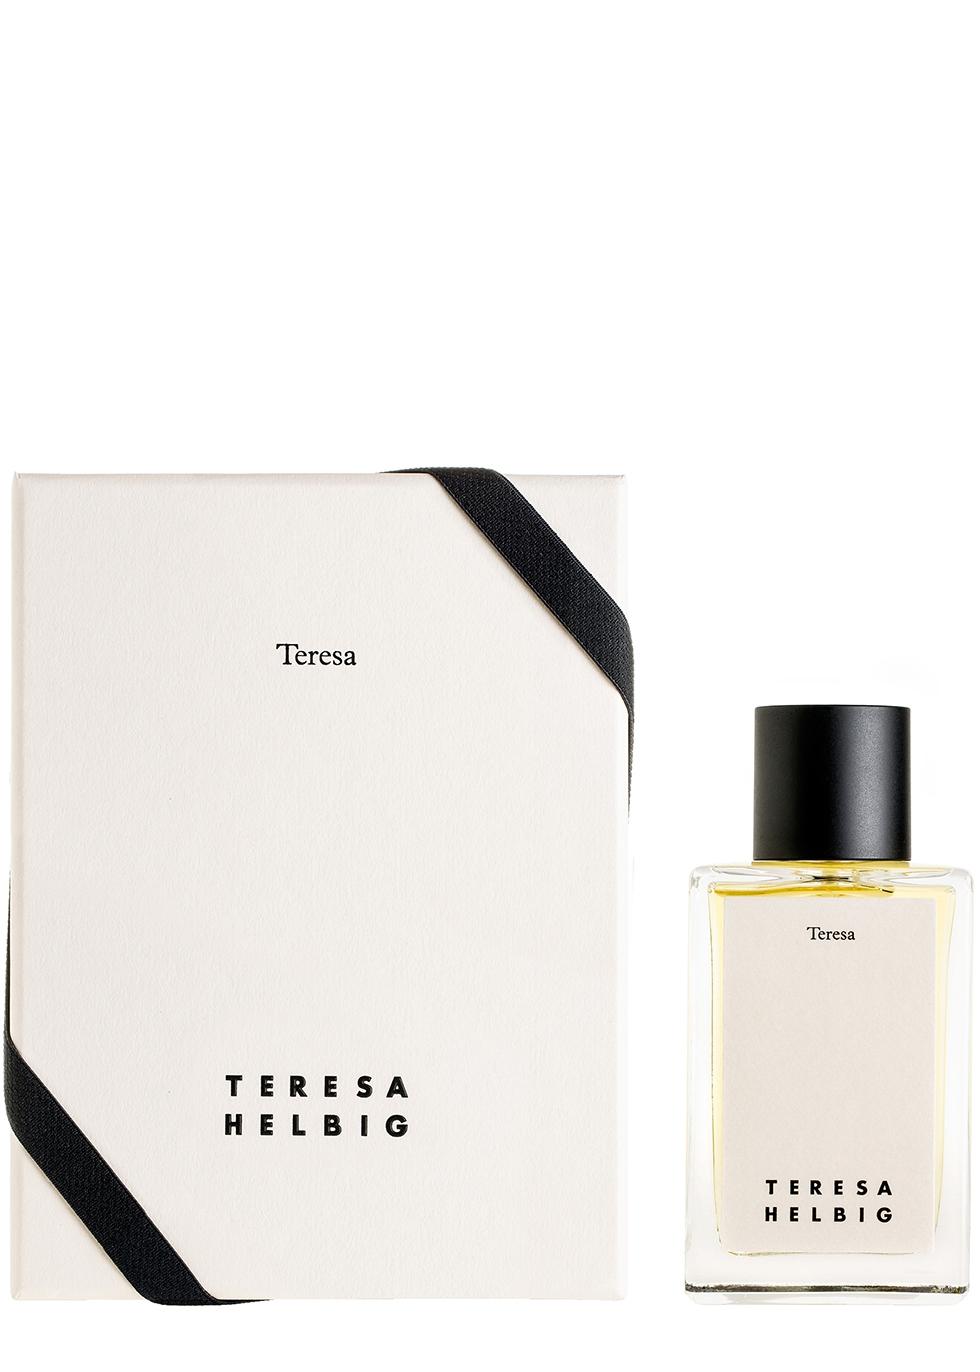 Teresa Eau De Parfum 100ml - TERESA HELBIG